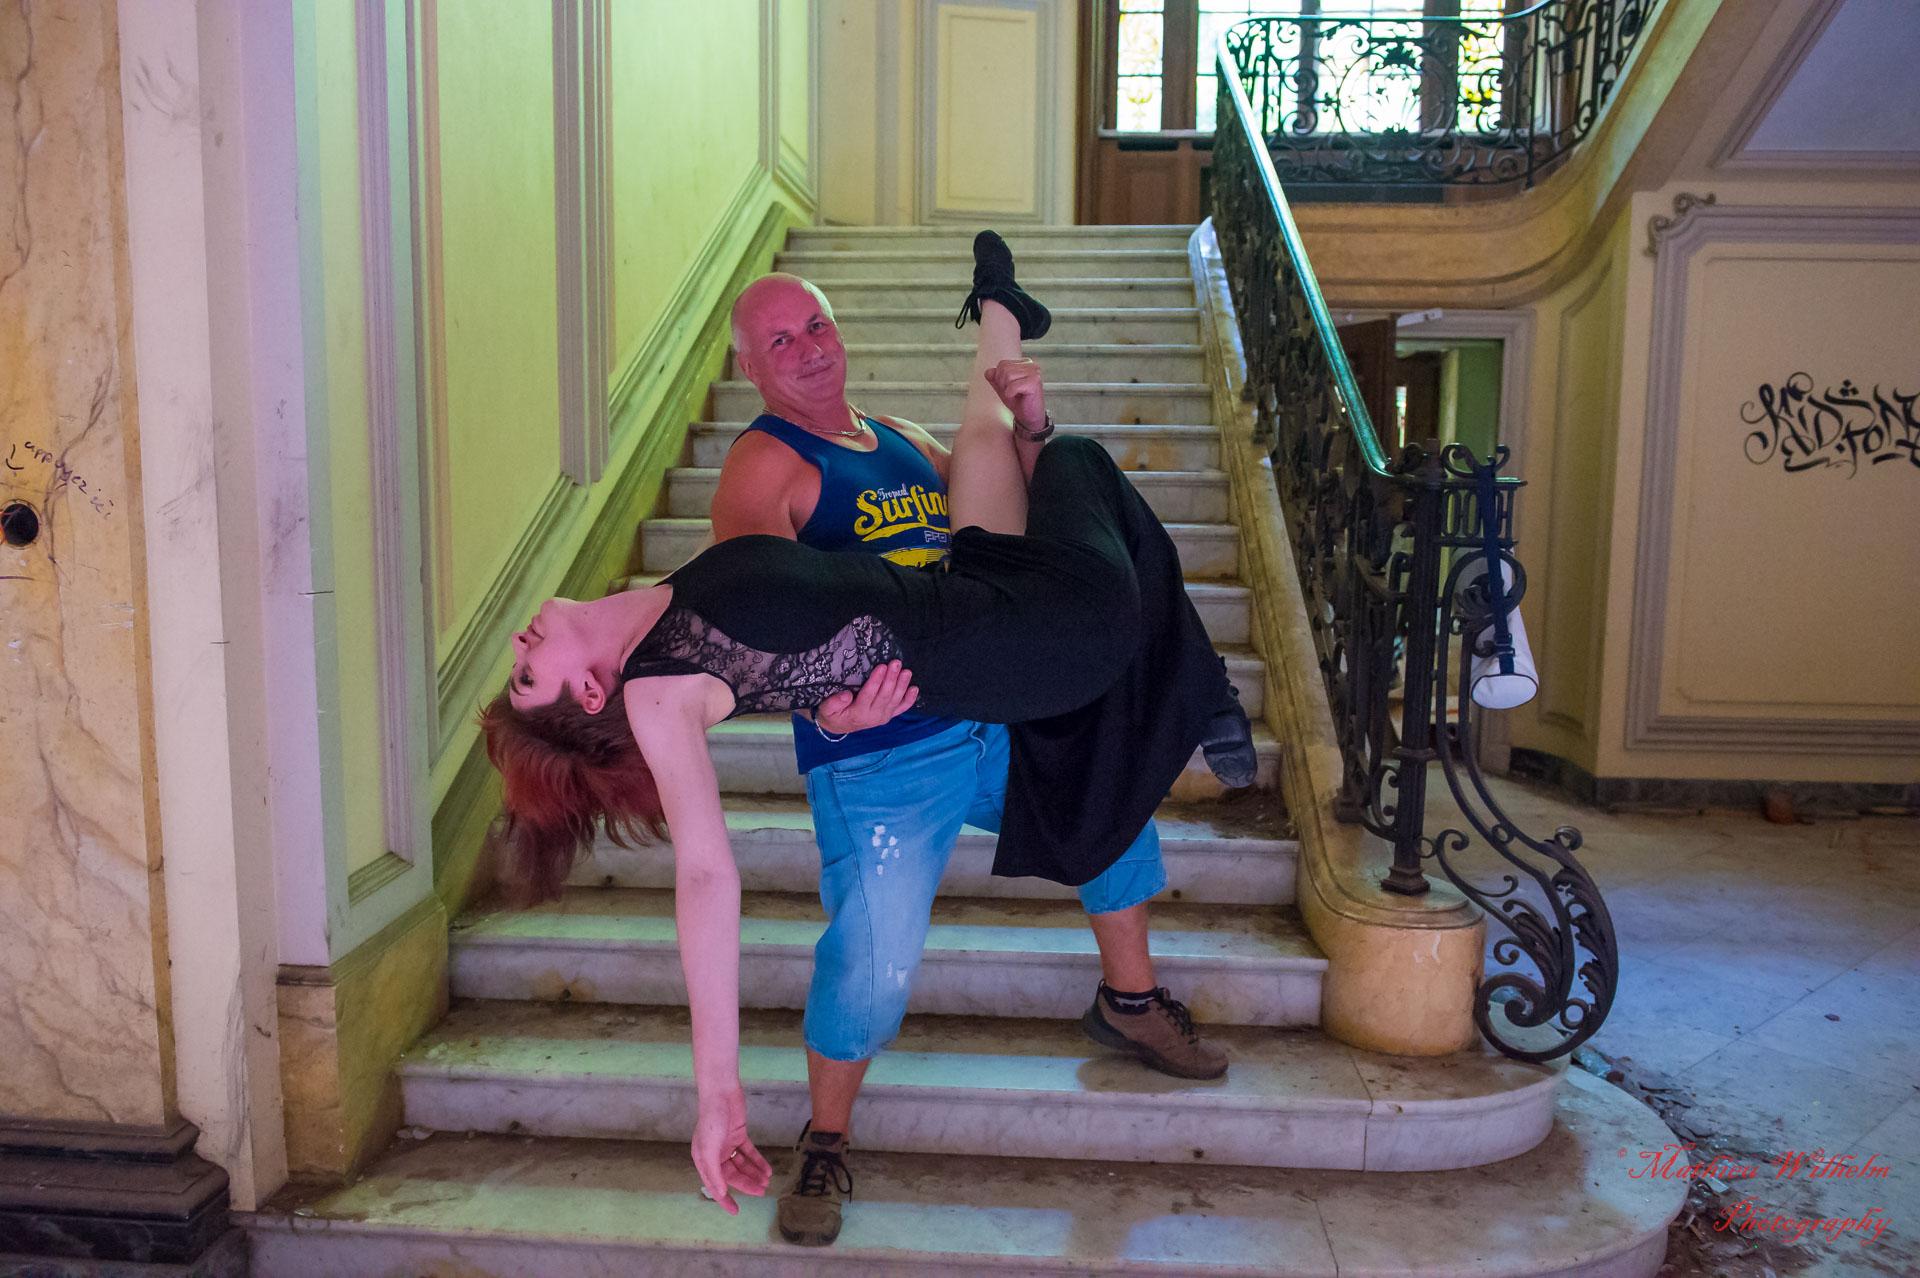 2017-07-18 Manoir a la verriere - Fanny